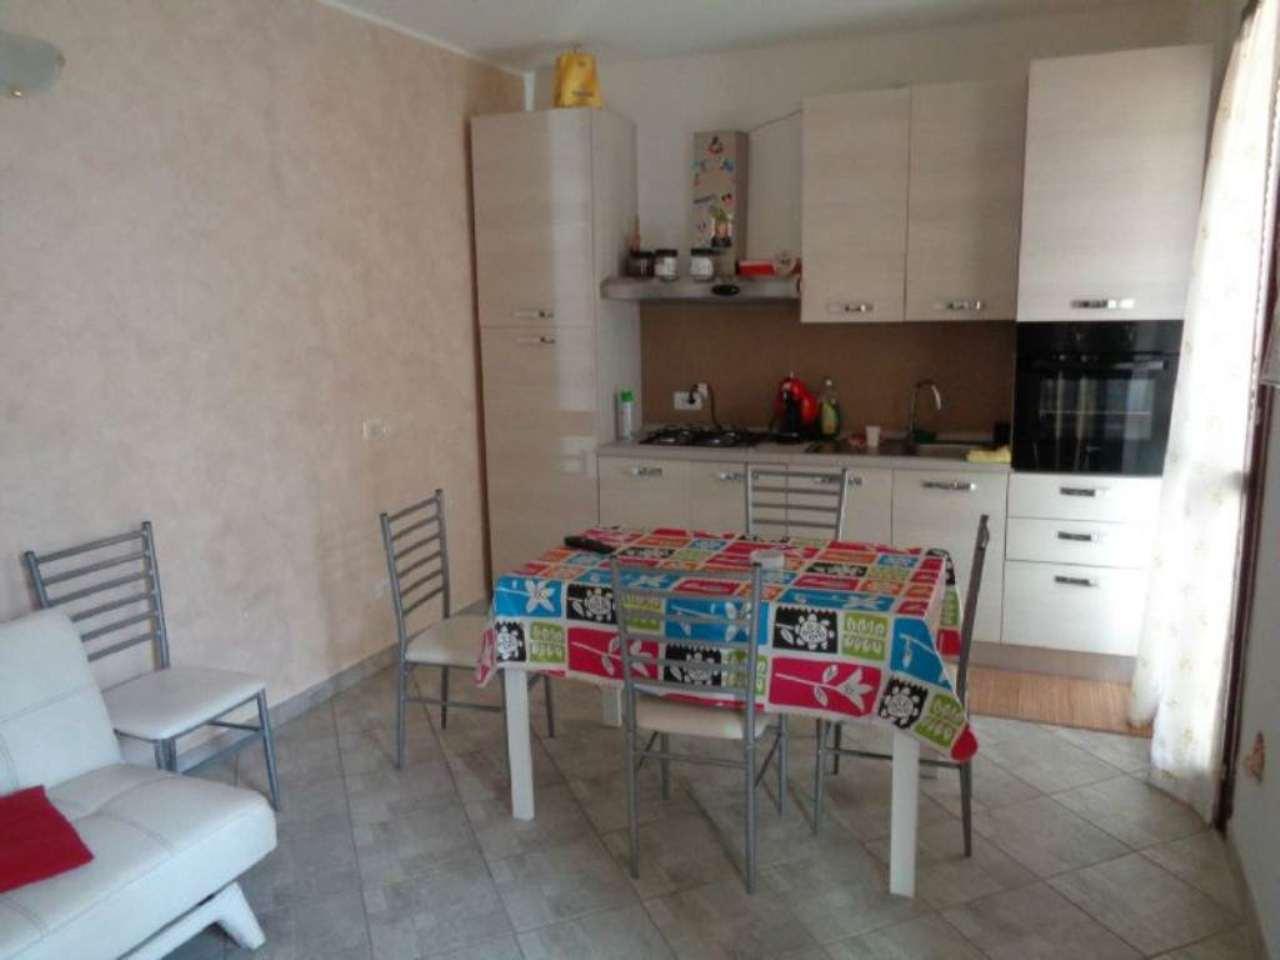 Appartamento in vendita a Cagno, 2 locali, prezzo € 79.000 | CambioCasa.it